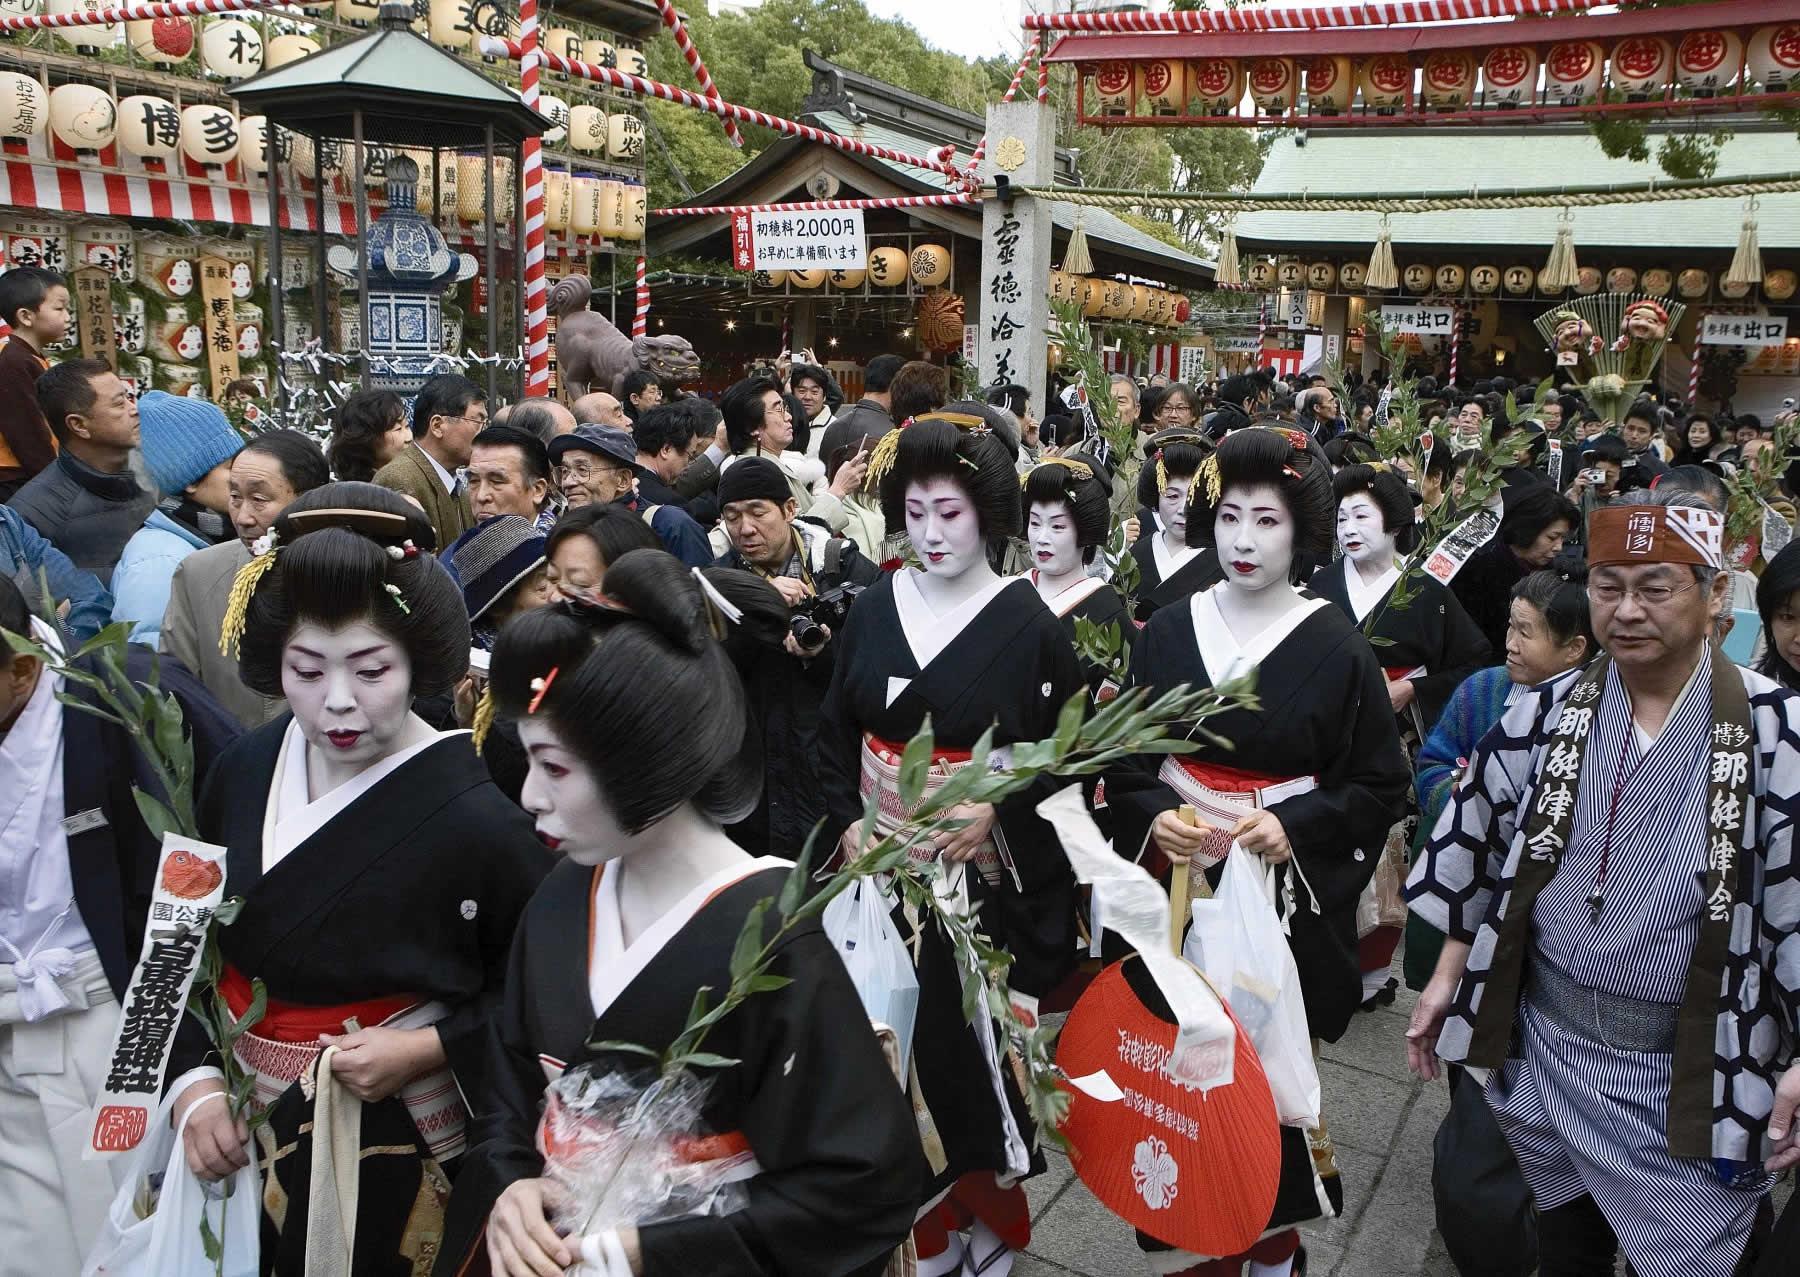 十日恵比須・博多芸妓衆の徒歩(かち)参り(2007)の画像